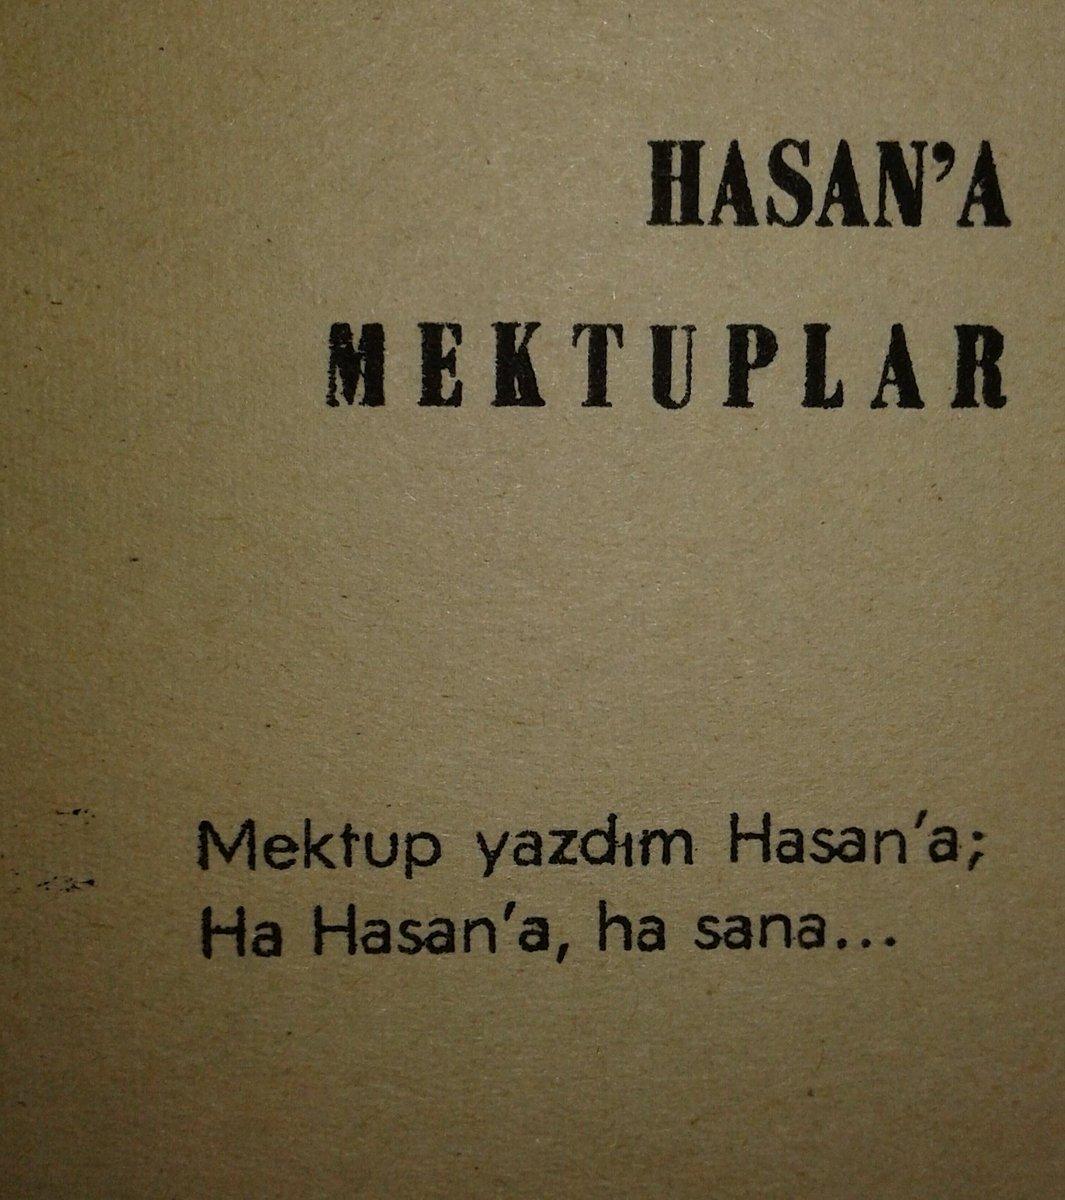 Ha Hasan'a, Ha Sana!